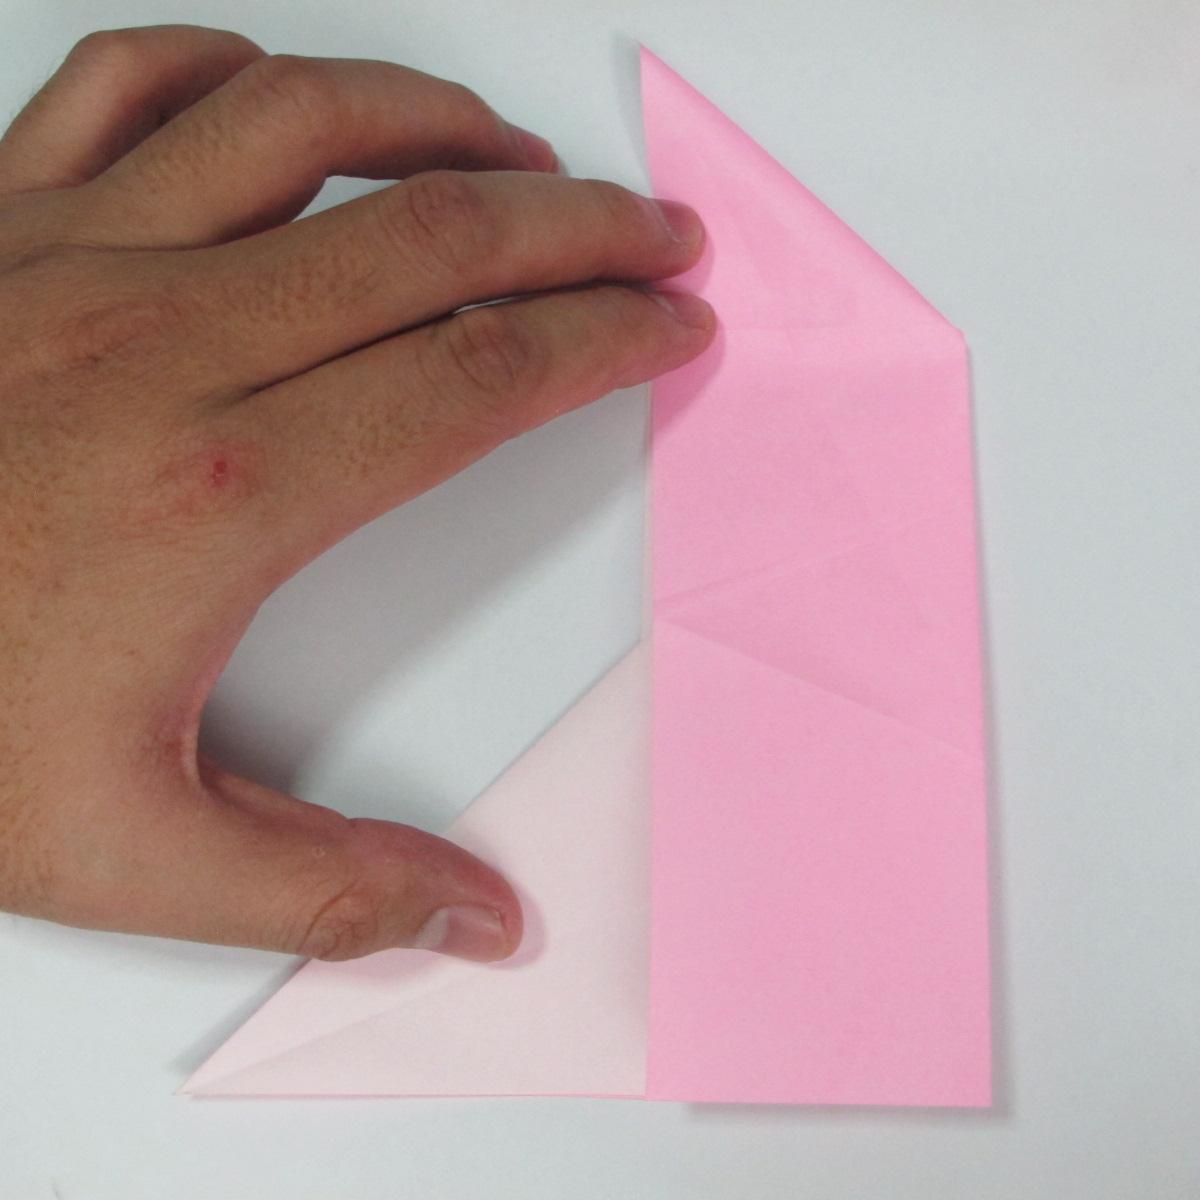 สอนการพับกระดาษเป็นลูกสุนัขชเนาเซอร์ (Origami Schnauzer Puppy) 020